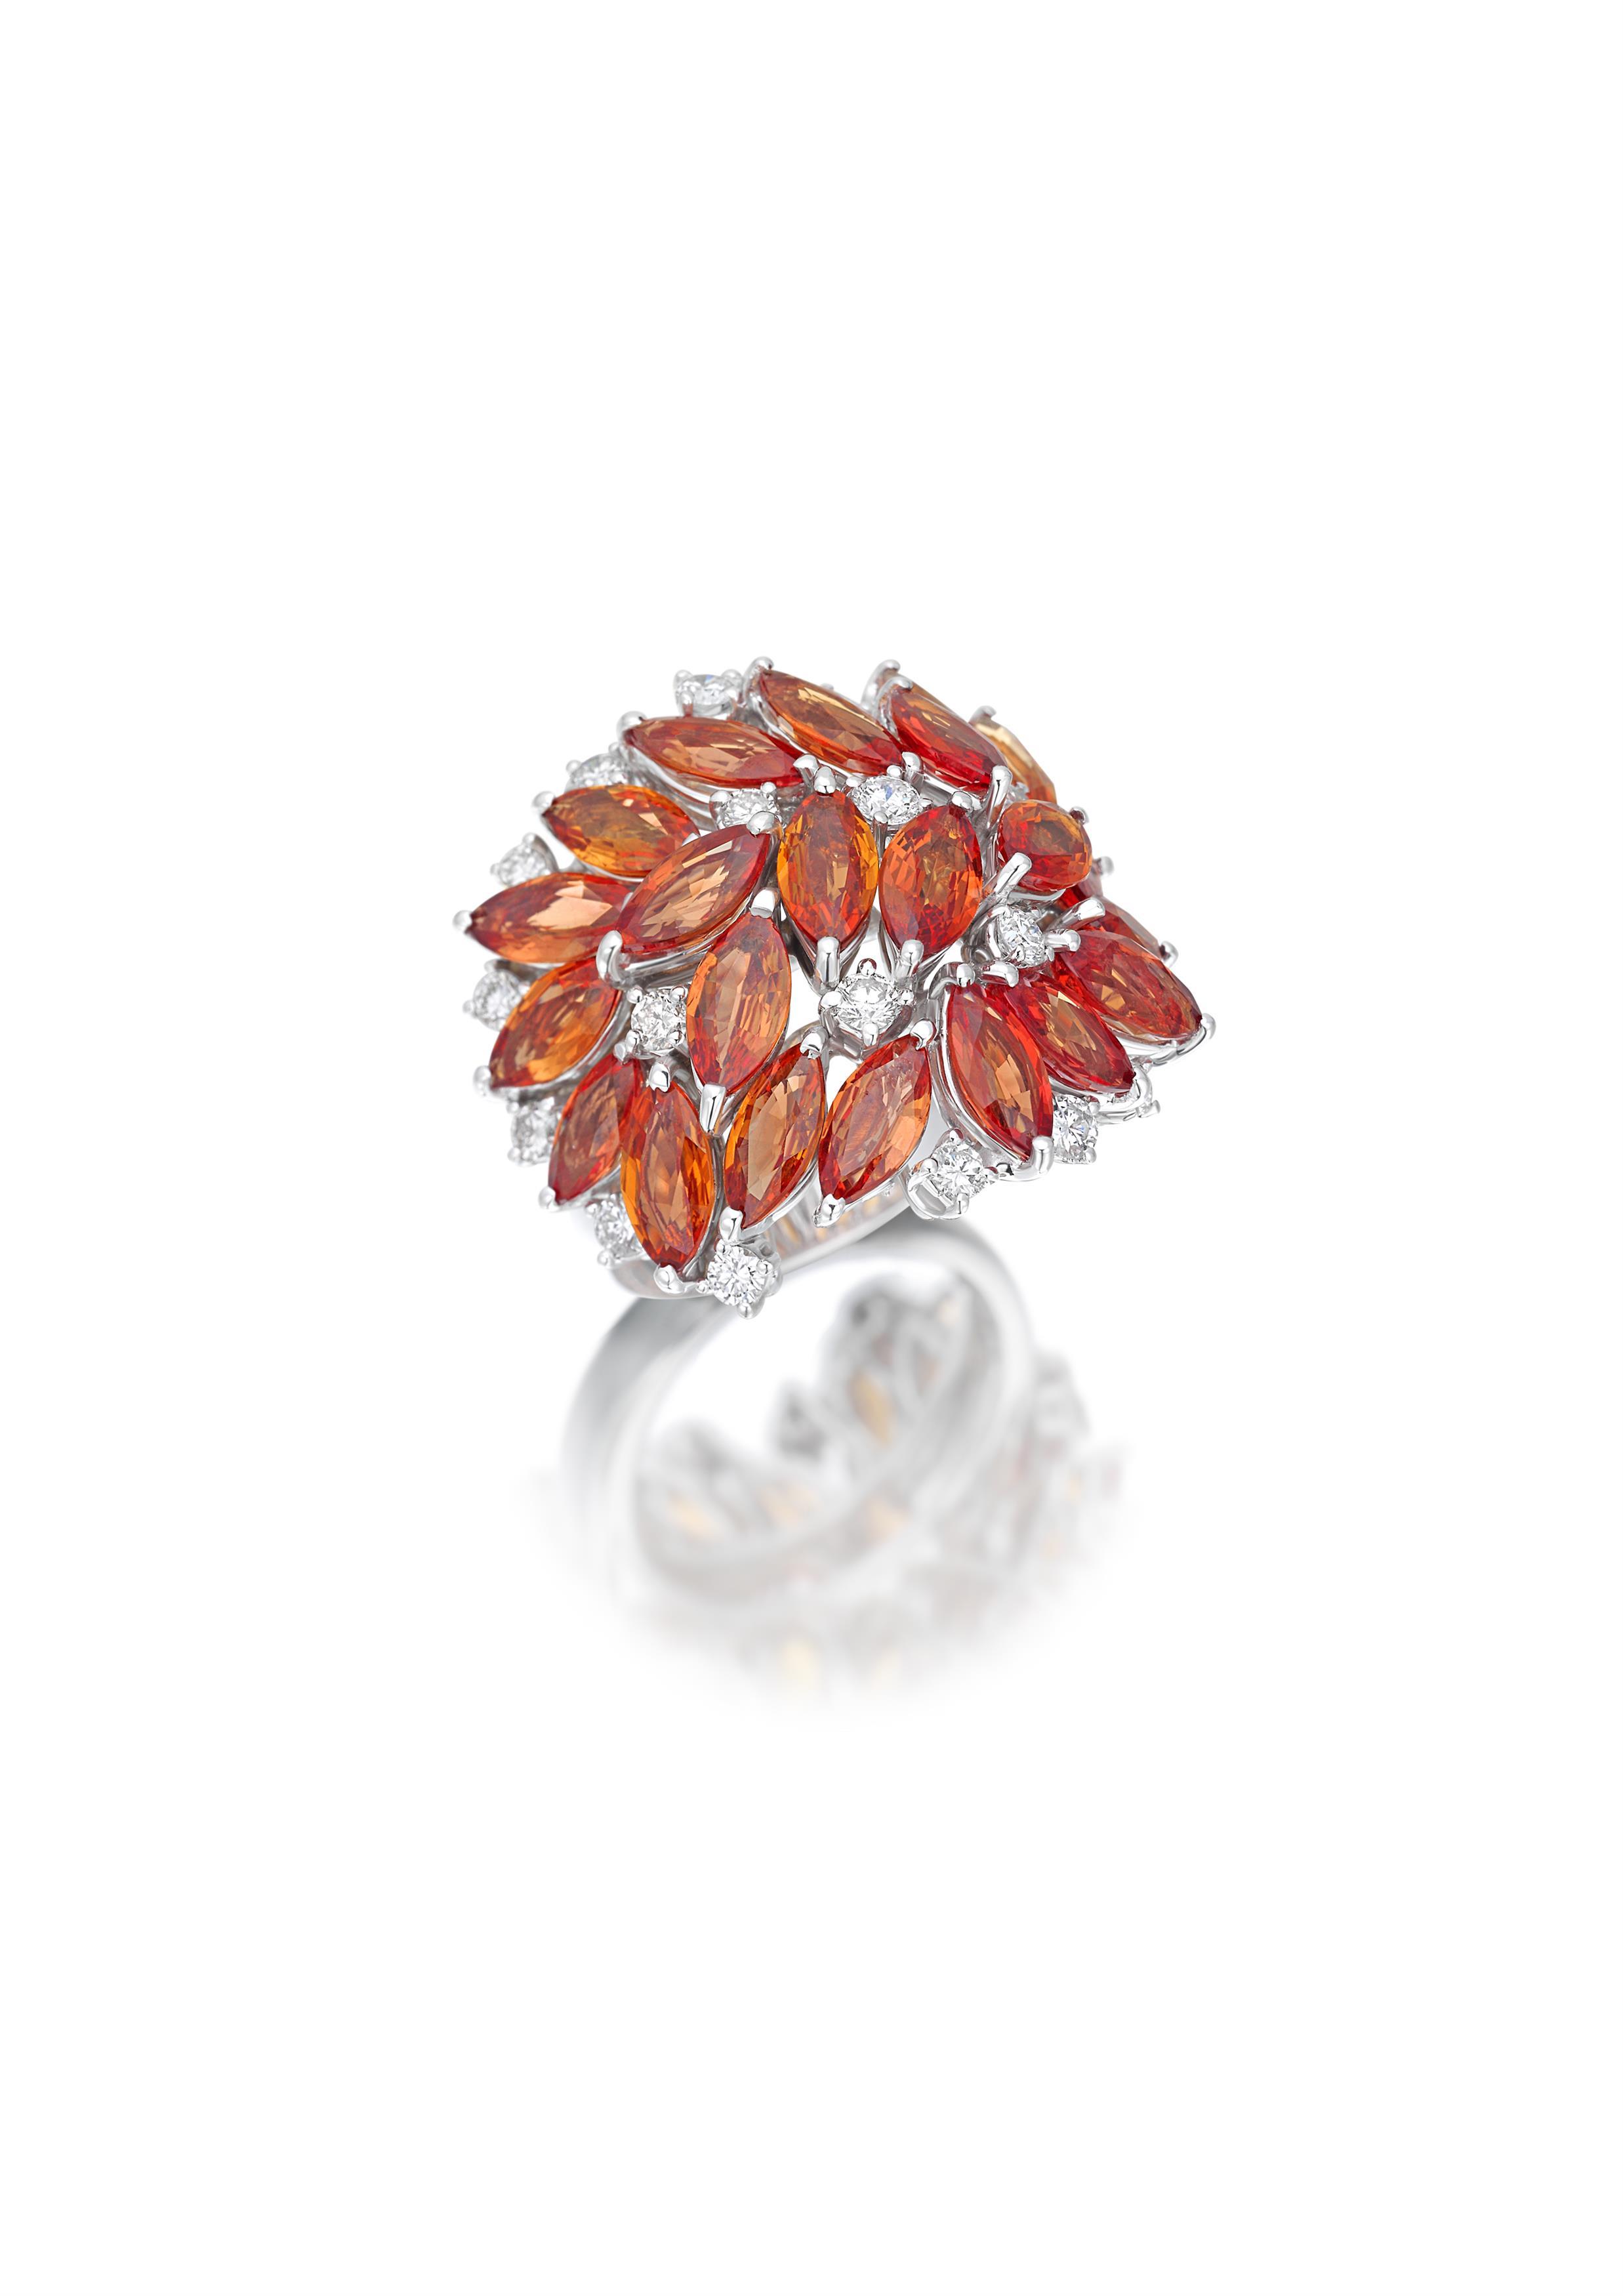 טבעת של ג'יאני לזארו לאימפרס